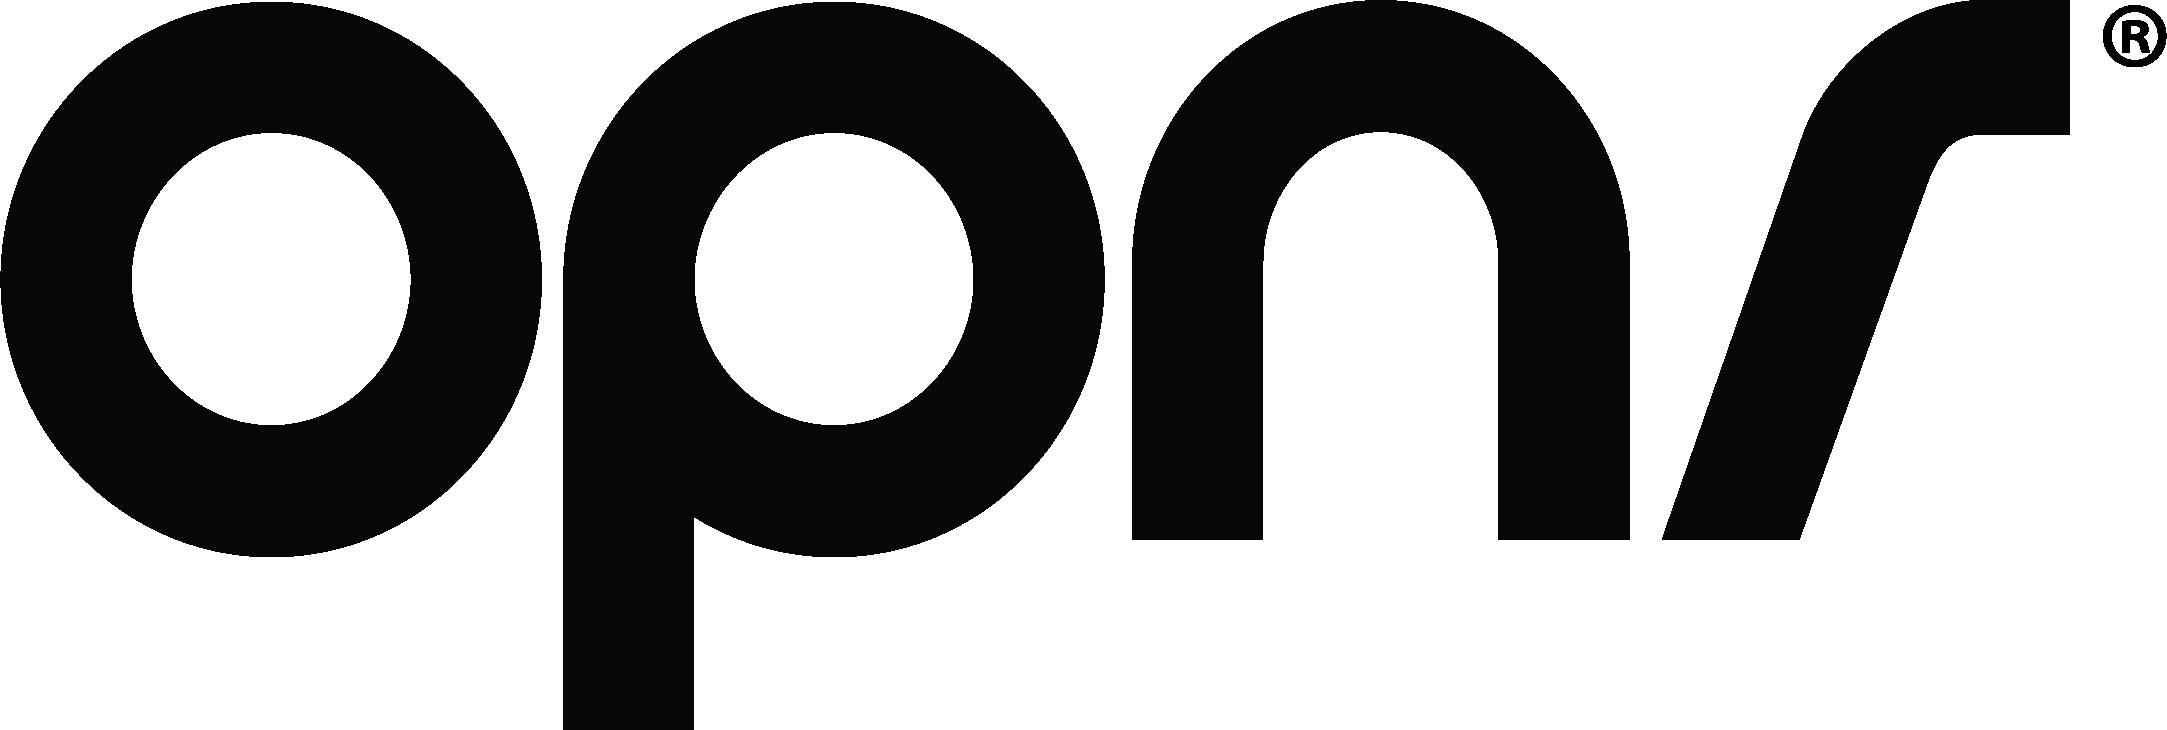 OPNR-logoBlack.png